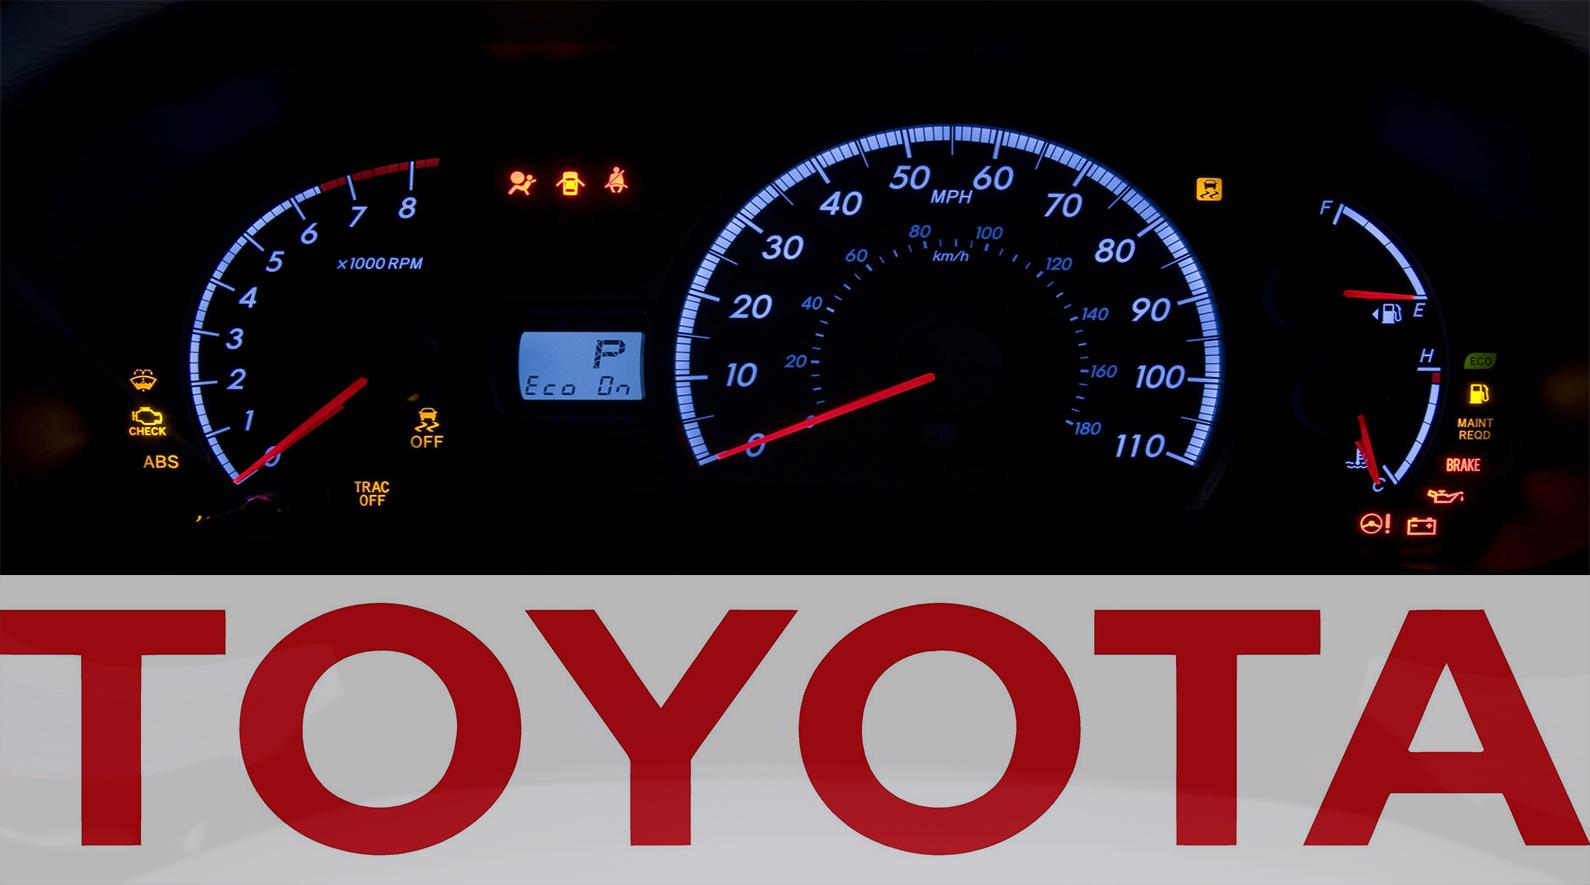 1465905643 toyota dashboard - Тойота рав 4 загорелся желтый восклицательный знак